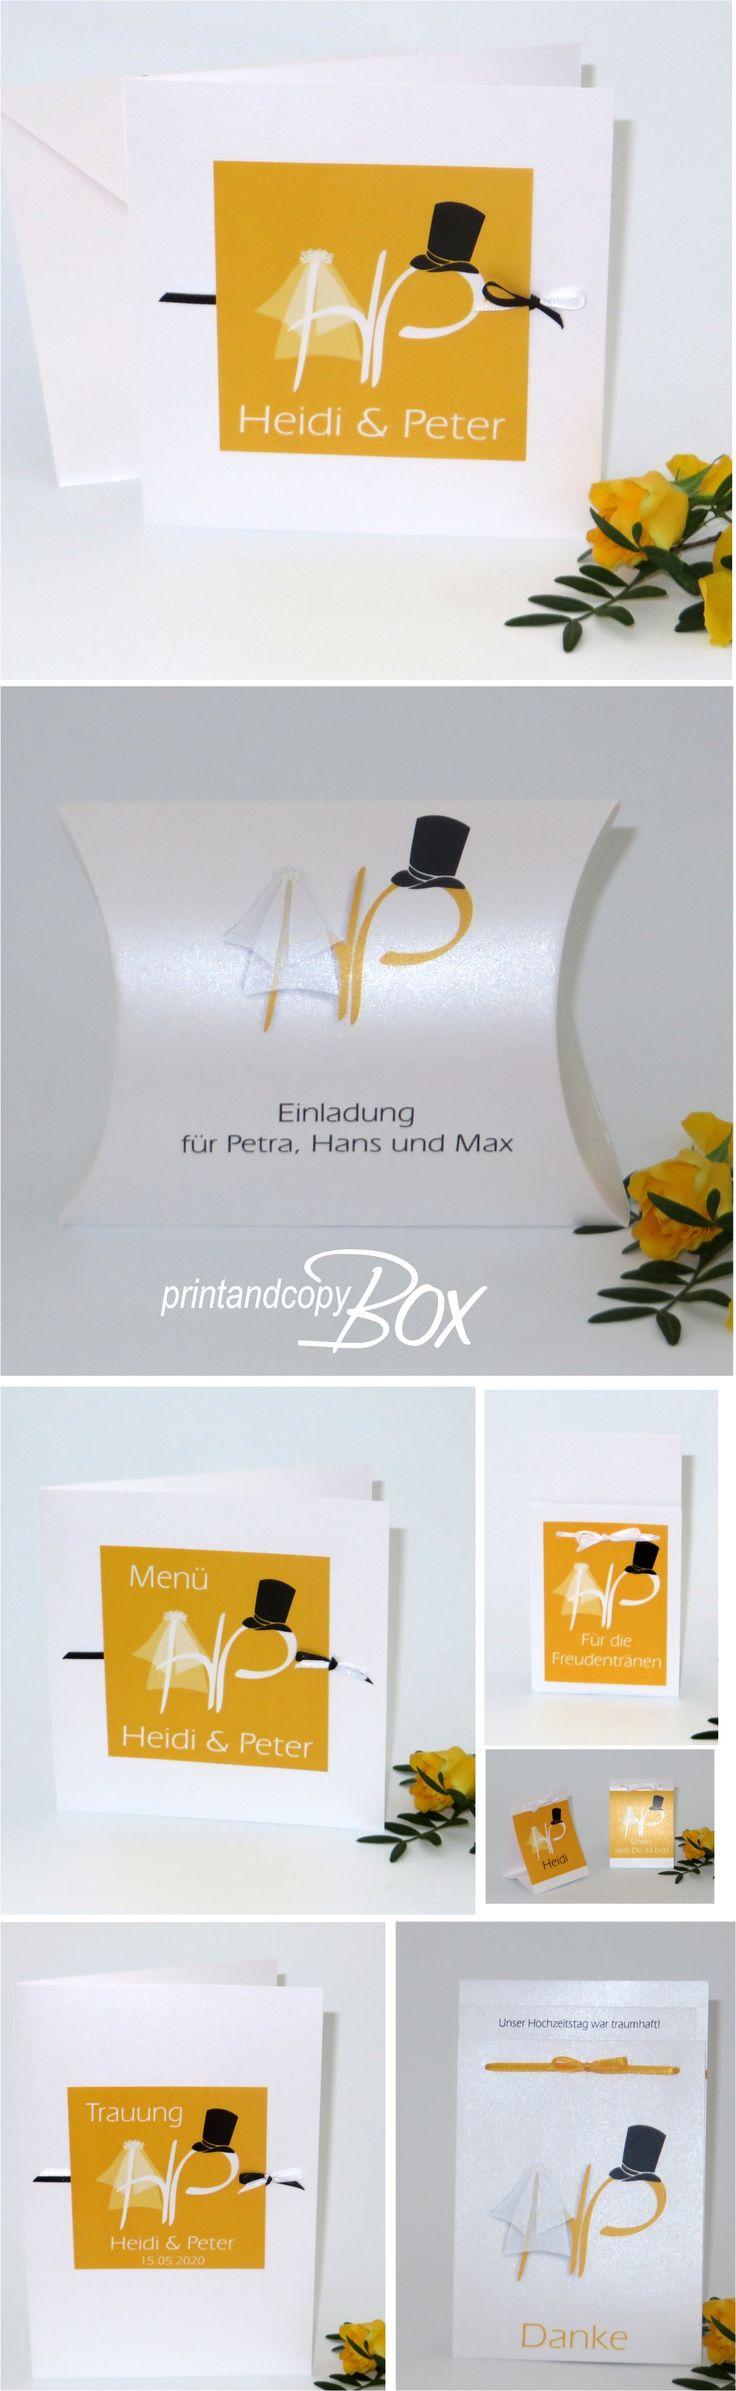 Kreative Hochzeitskarten mit Initialen und einem Schleier und Hut. #kreativ #hochzeitskarten #gelb #initialen  #schleier #hut